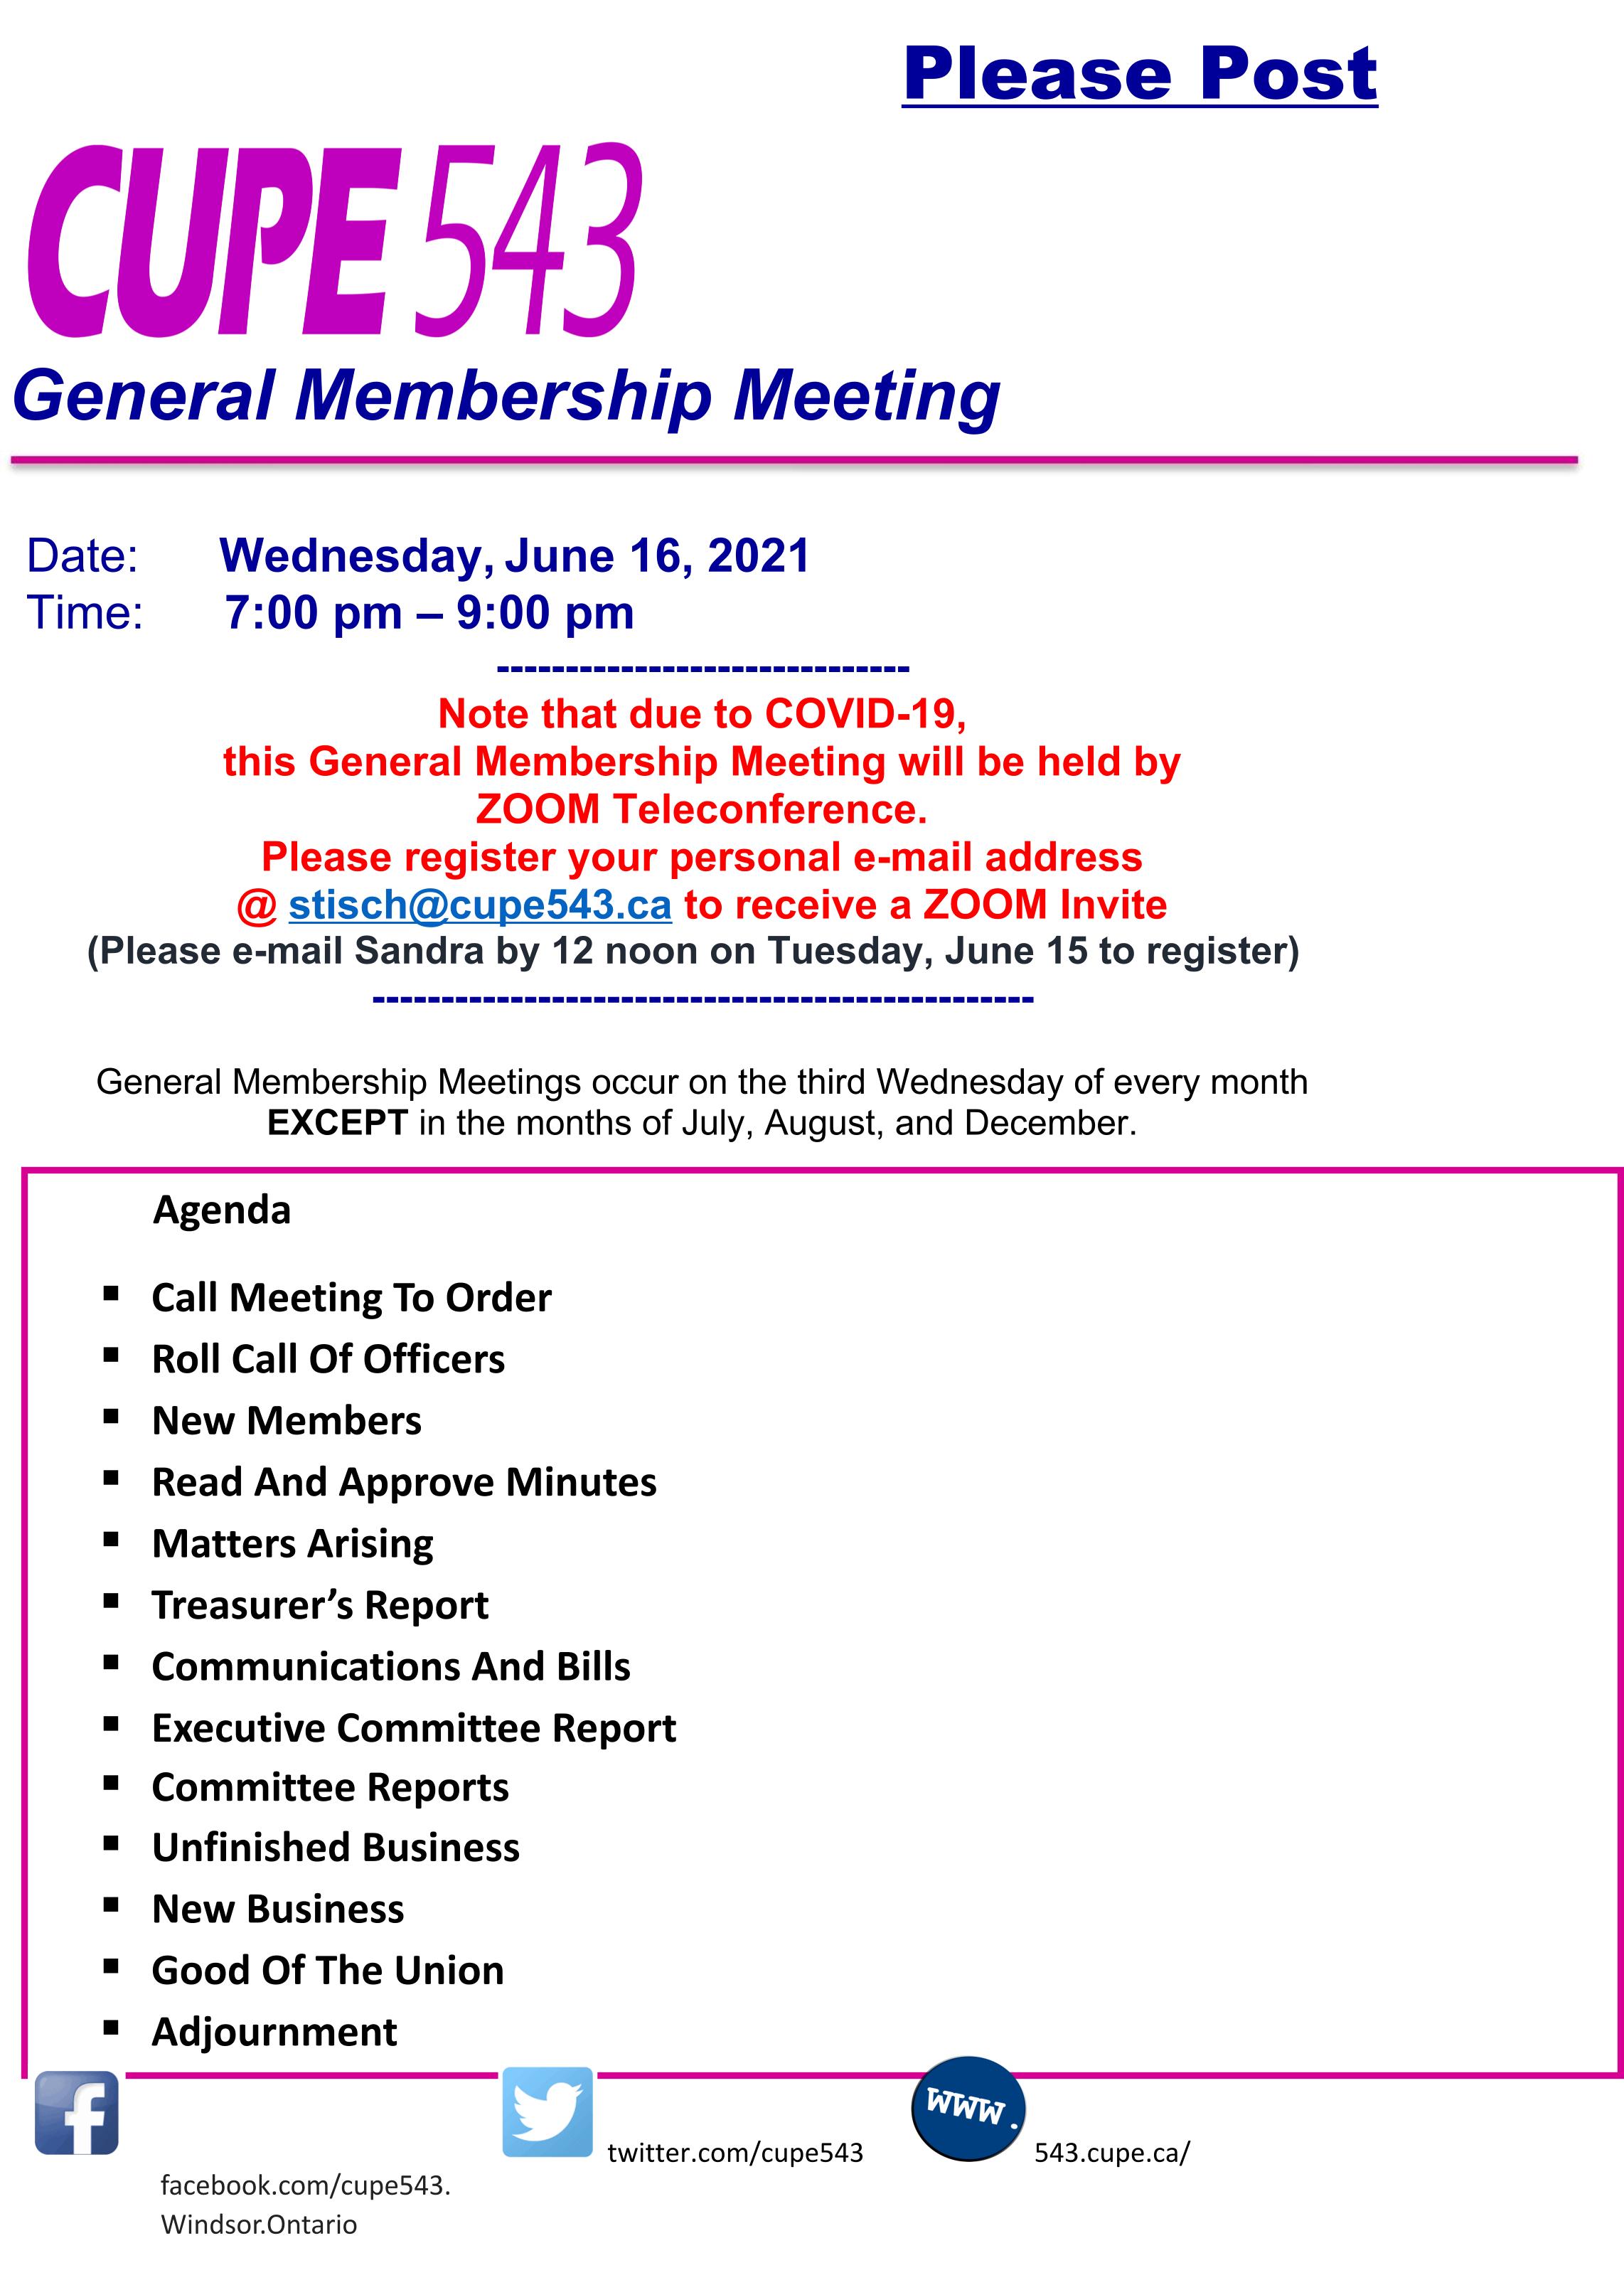 CUPE 543 General Membership Meeting @ Zoom